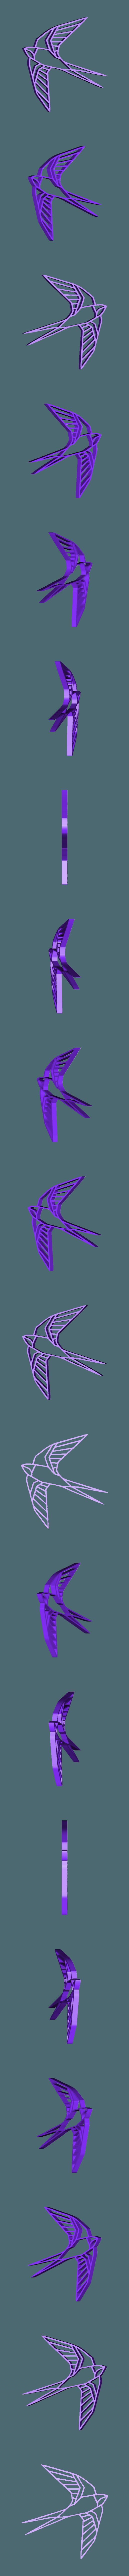 geometric bird.stl Download free STL file Geometrical bird figure • 3D print object, delfinaifran